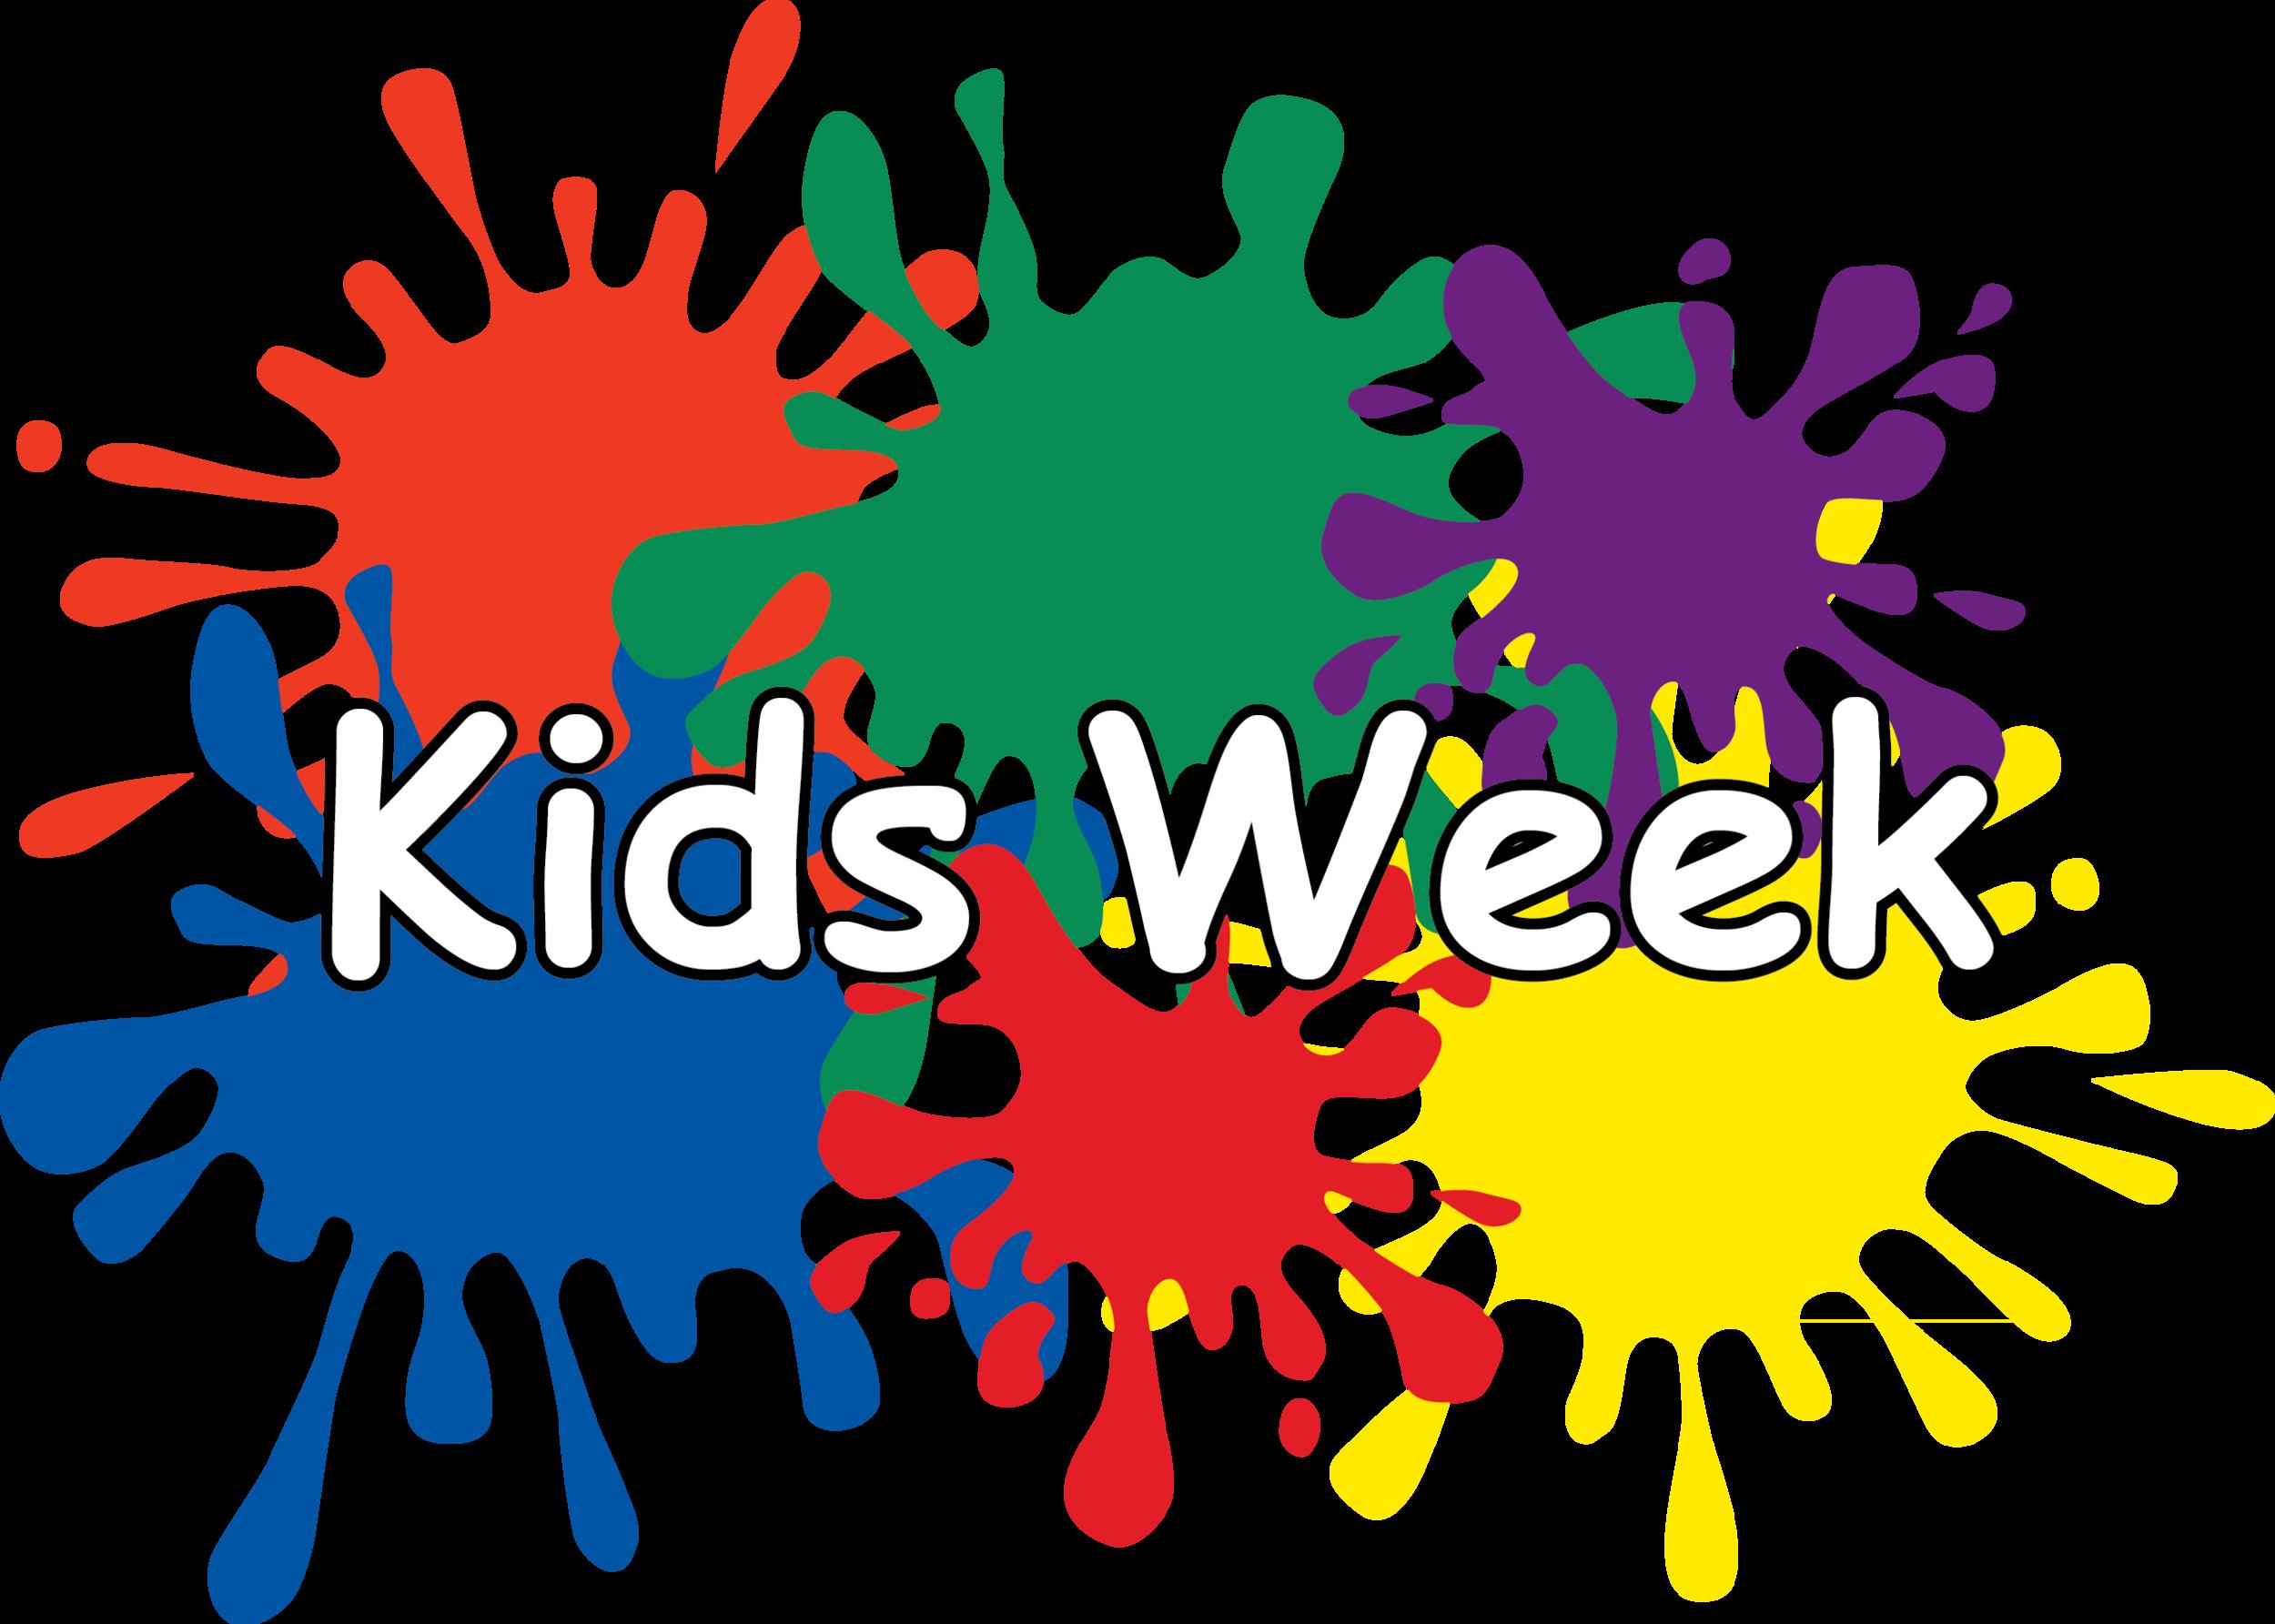 Kids week 2019.png